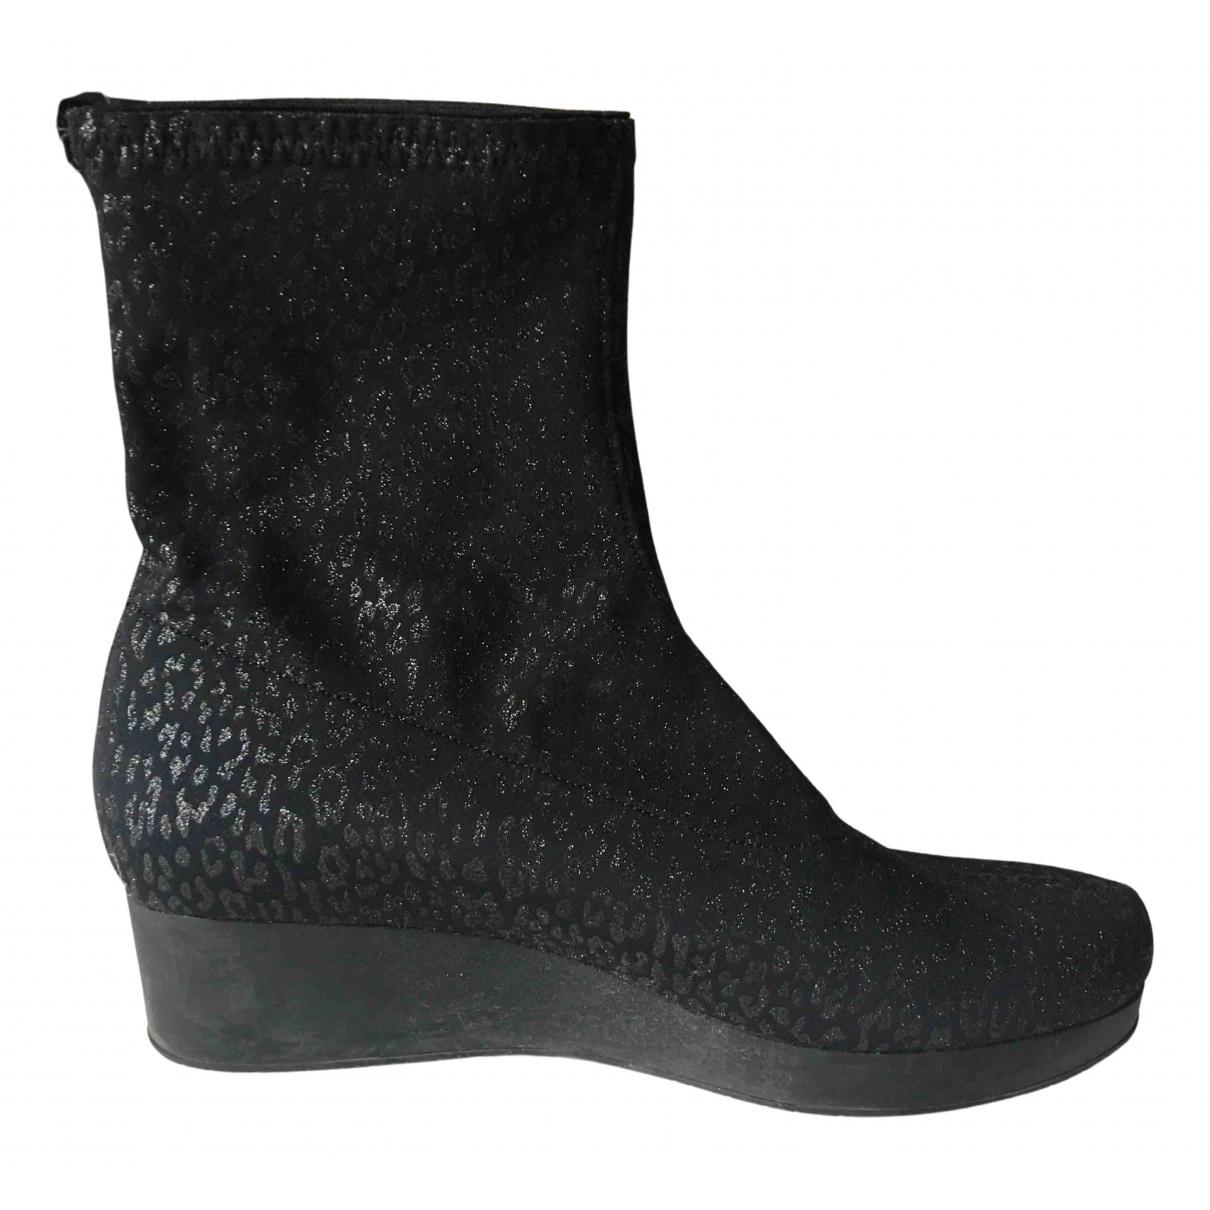 Robert Clergerie - Boots   pour femme en toile - noir